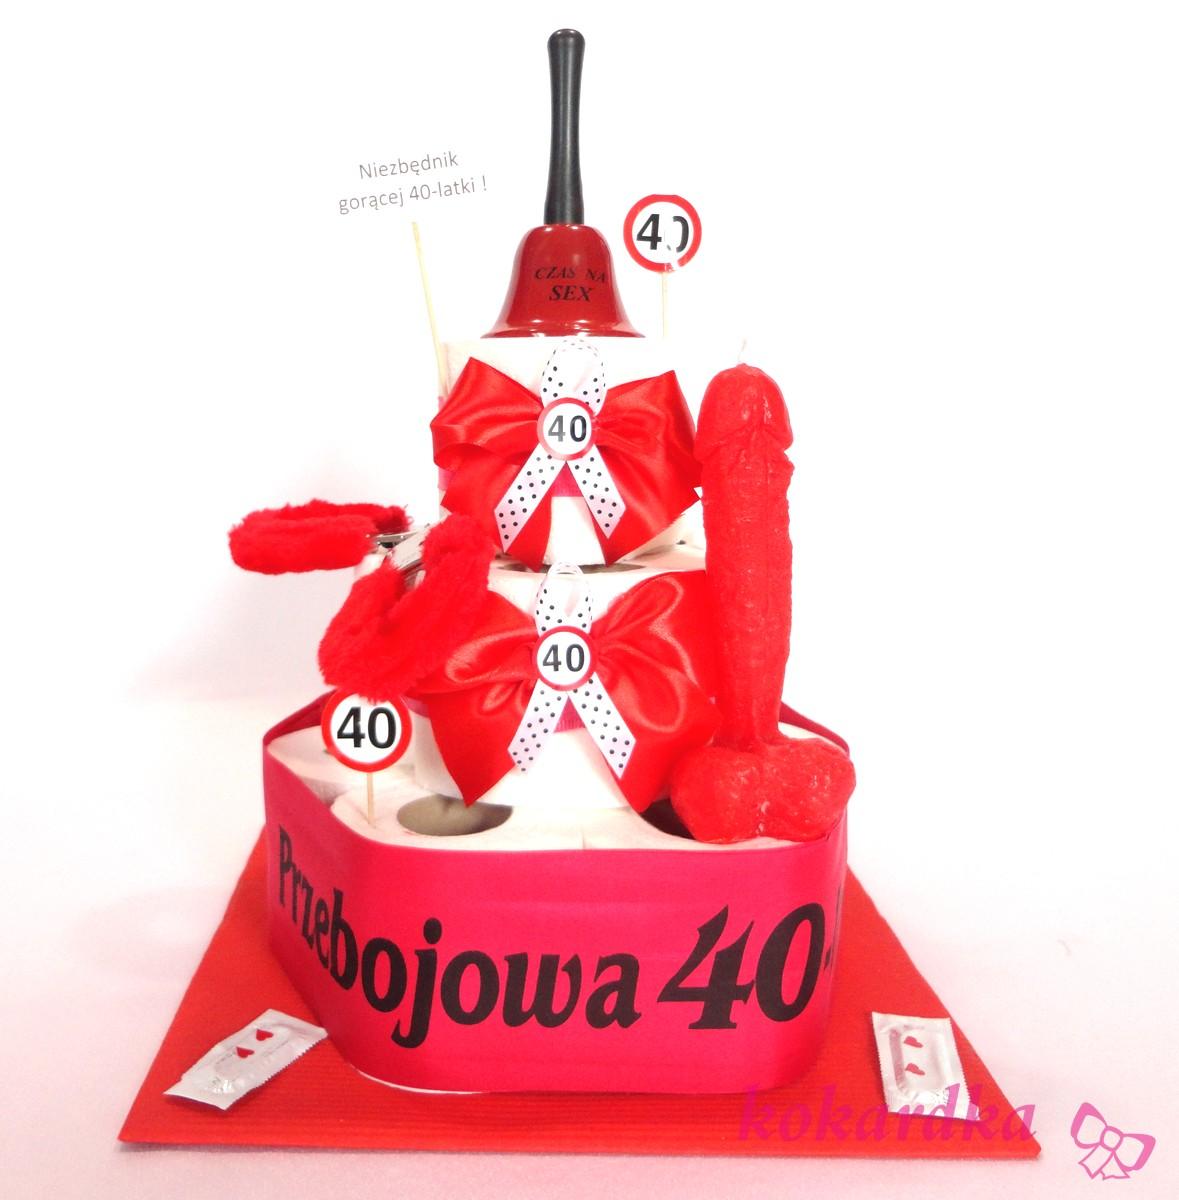 Tort Urodzinowy Niezbednik Goracej 40 Latki Oryginalny Prezent Na